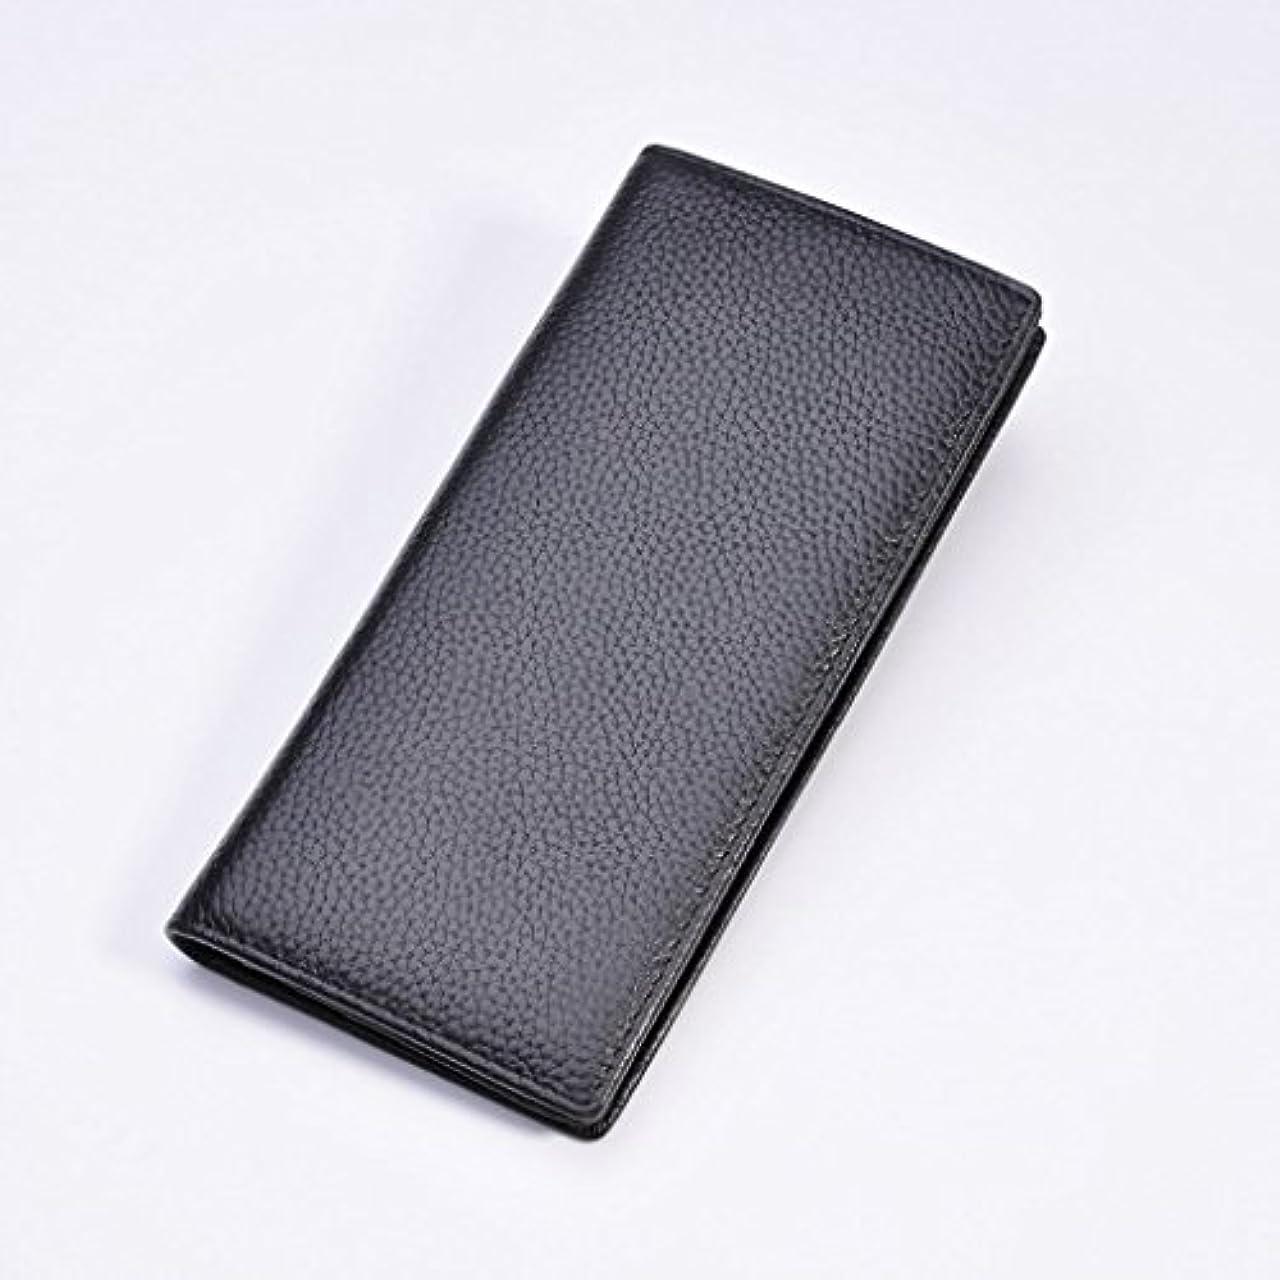 耐えられない引き出す確かめる長財布 本革 メンズ 二つ折り 牛革 財布 コンパクト 大容量 カード12枚収納 実用